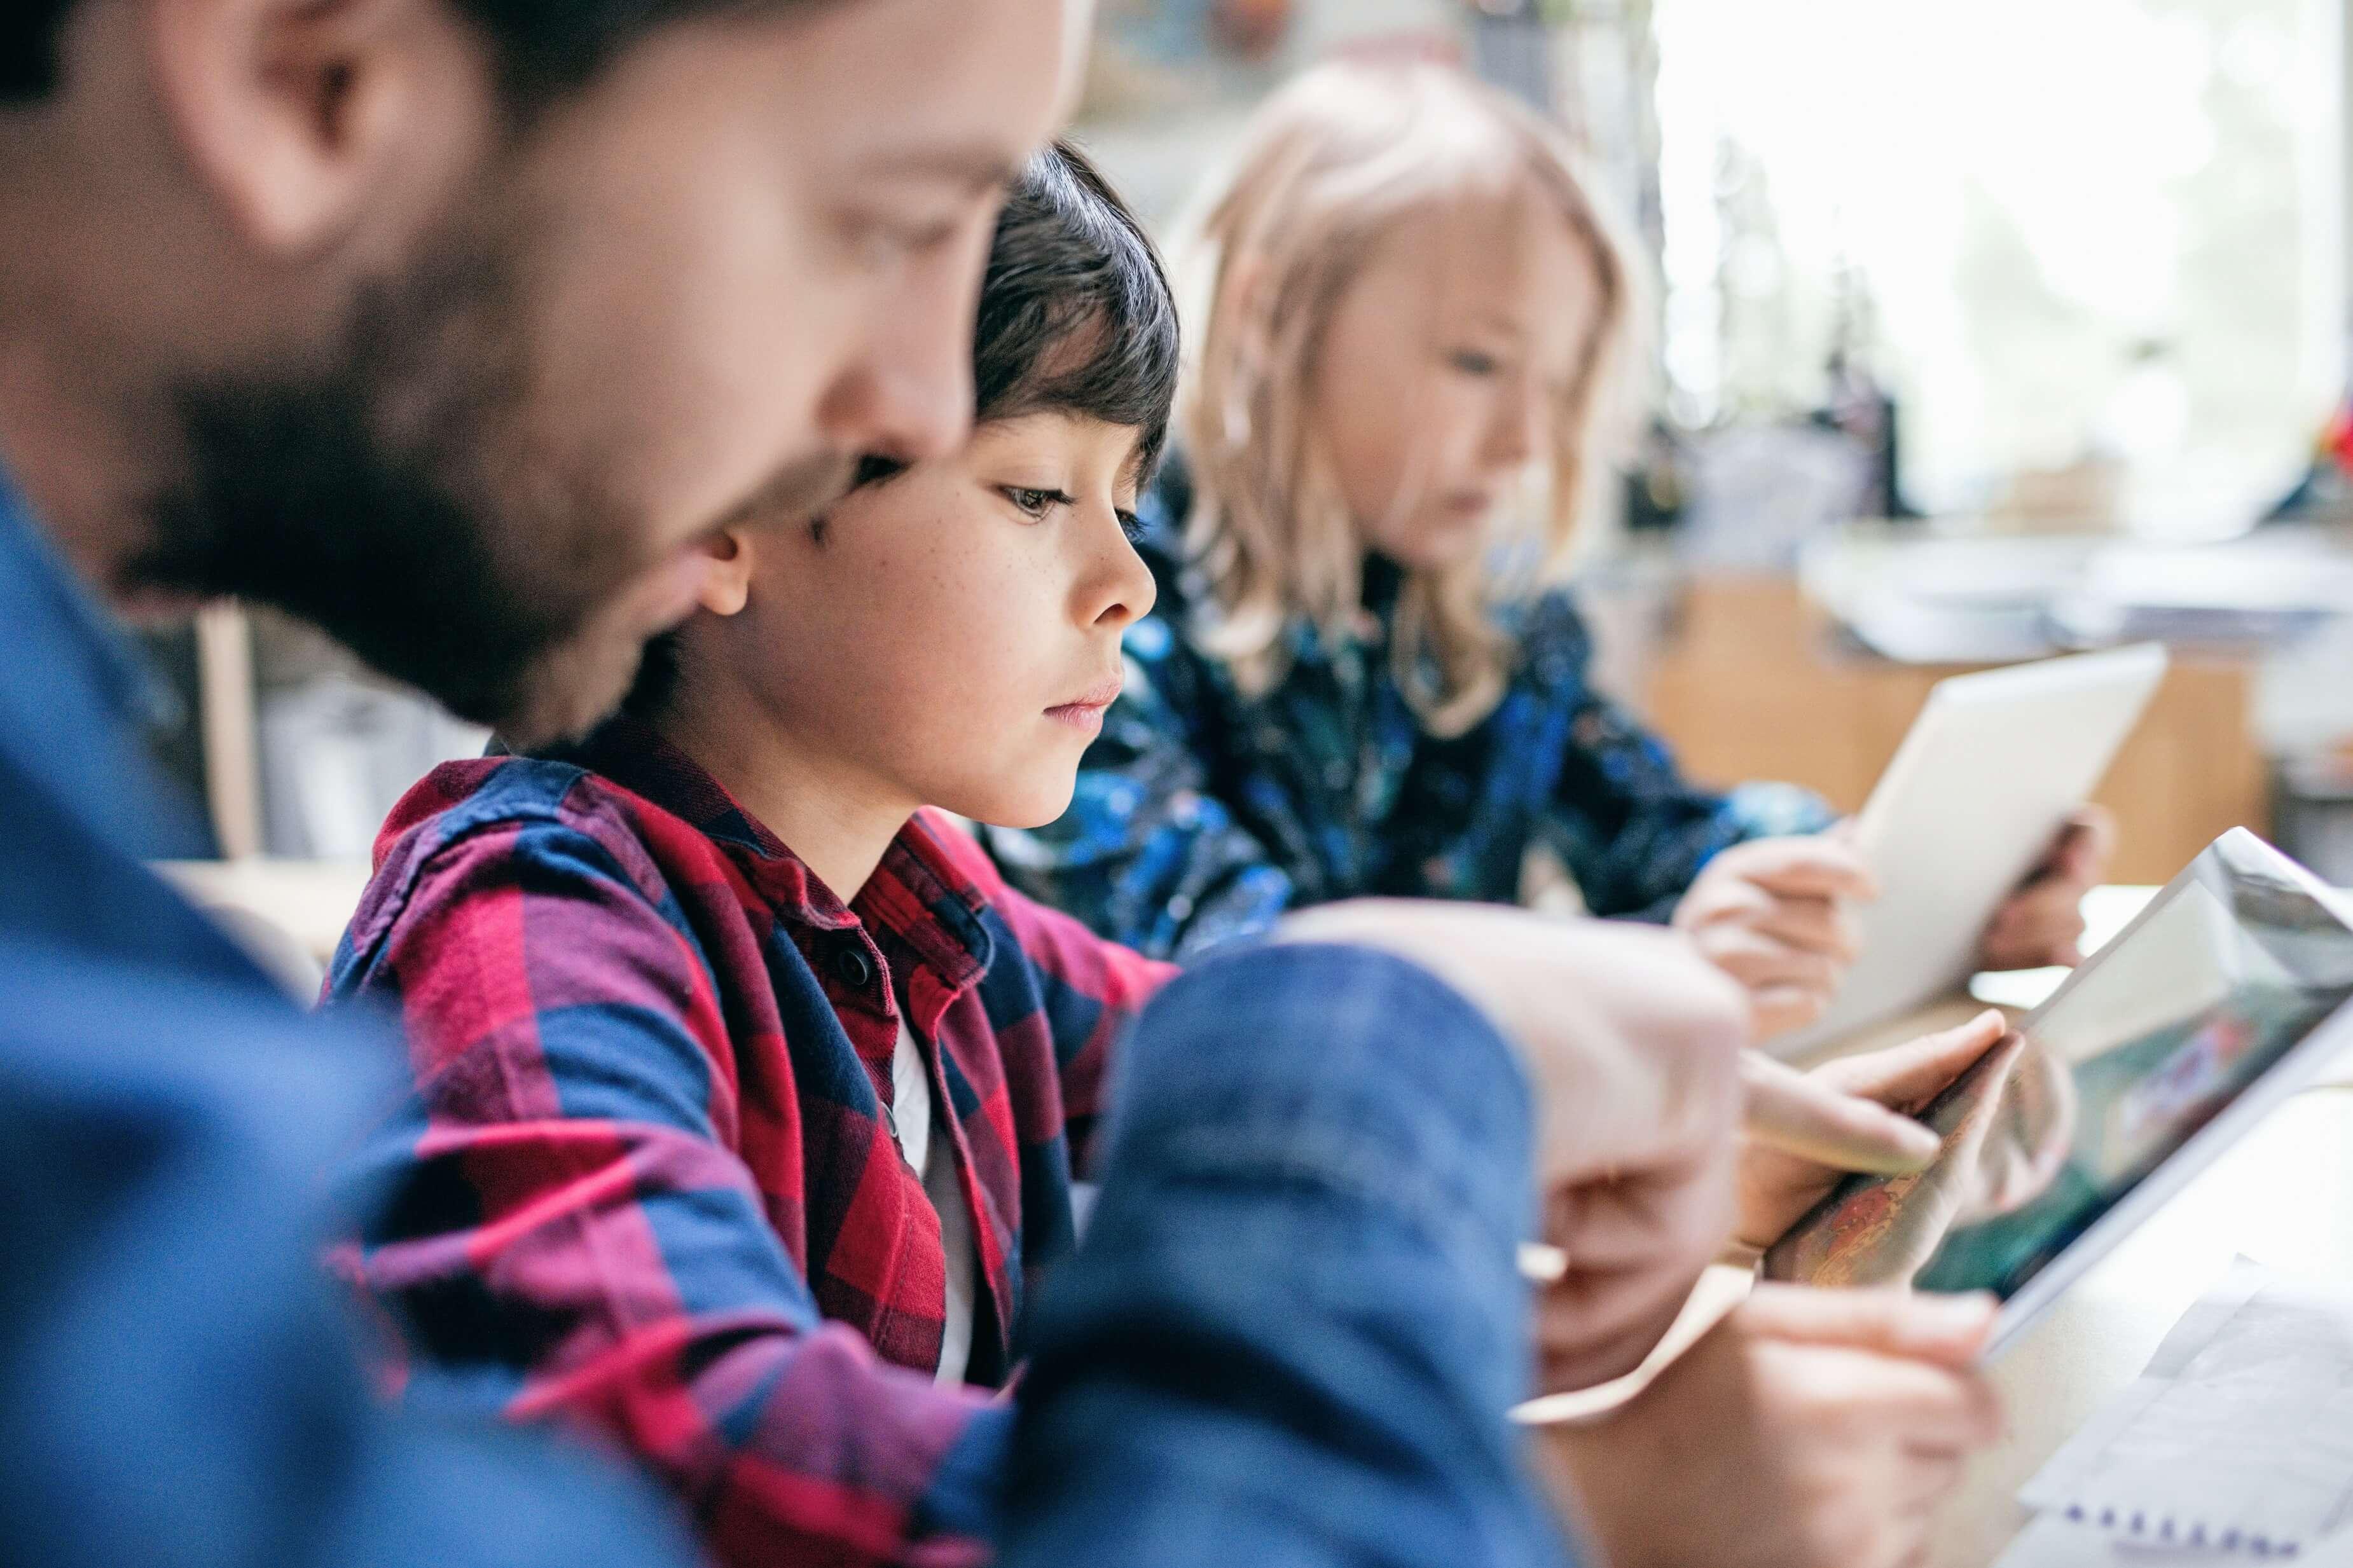 Der Schutz von Kindern und Jugendlichen liegt den Johannitern besonders am Herzen.